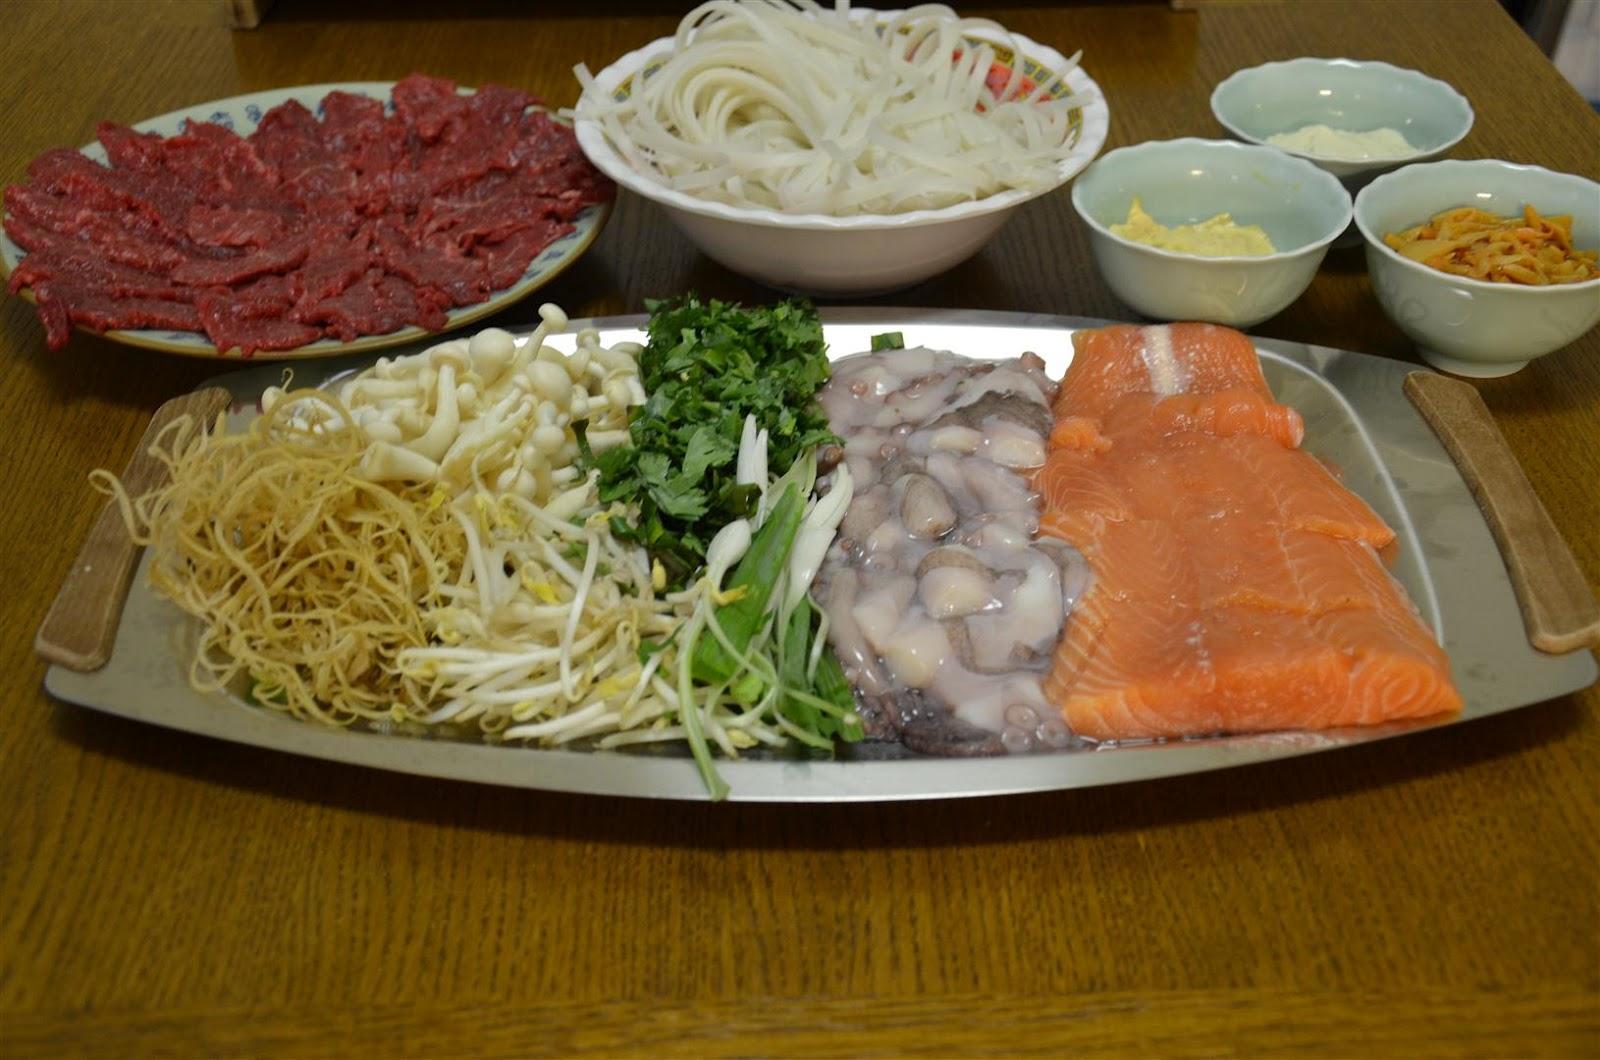 La cuisine asiatique - Fondue vietnamienne cuisine asiatique ...